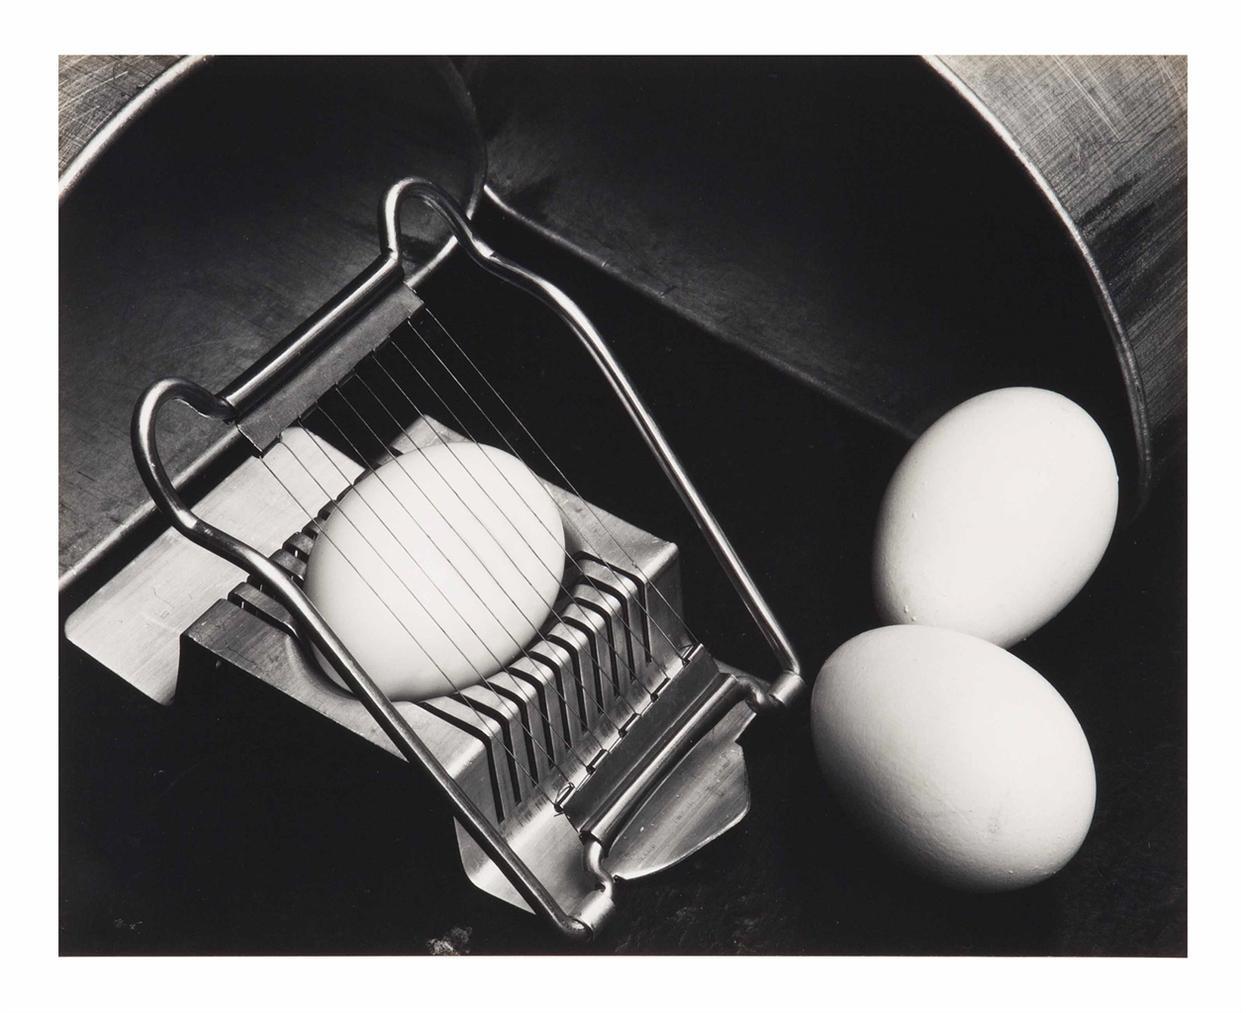 Edward Weston-Eggs And Slicer-1930